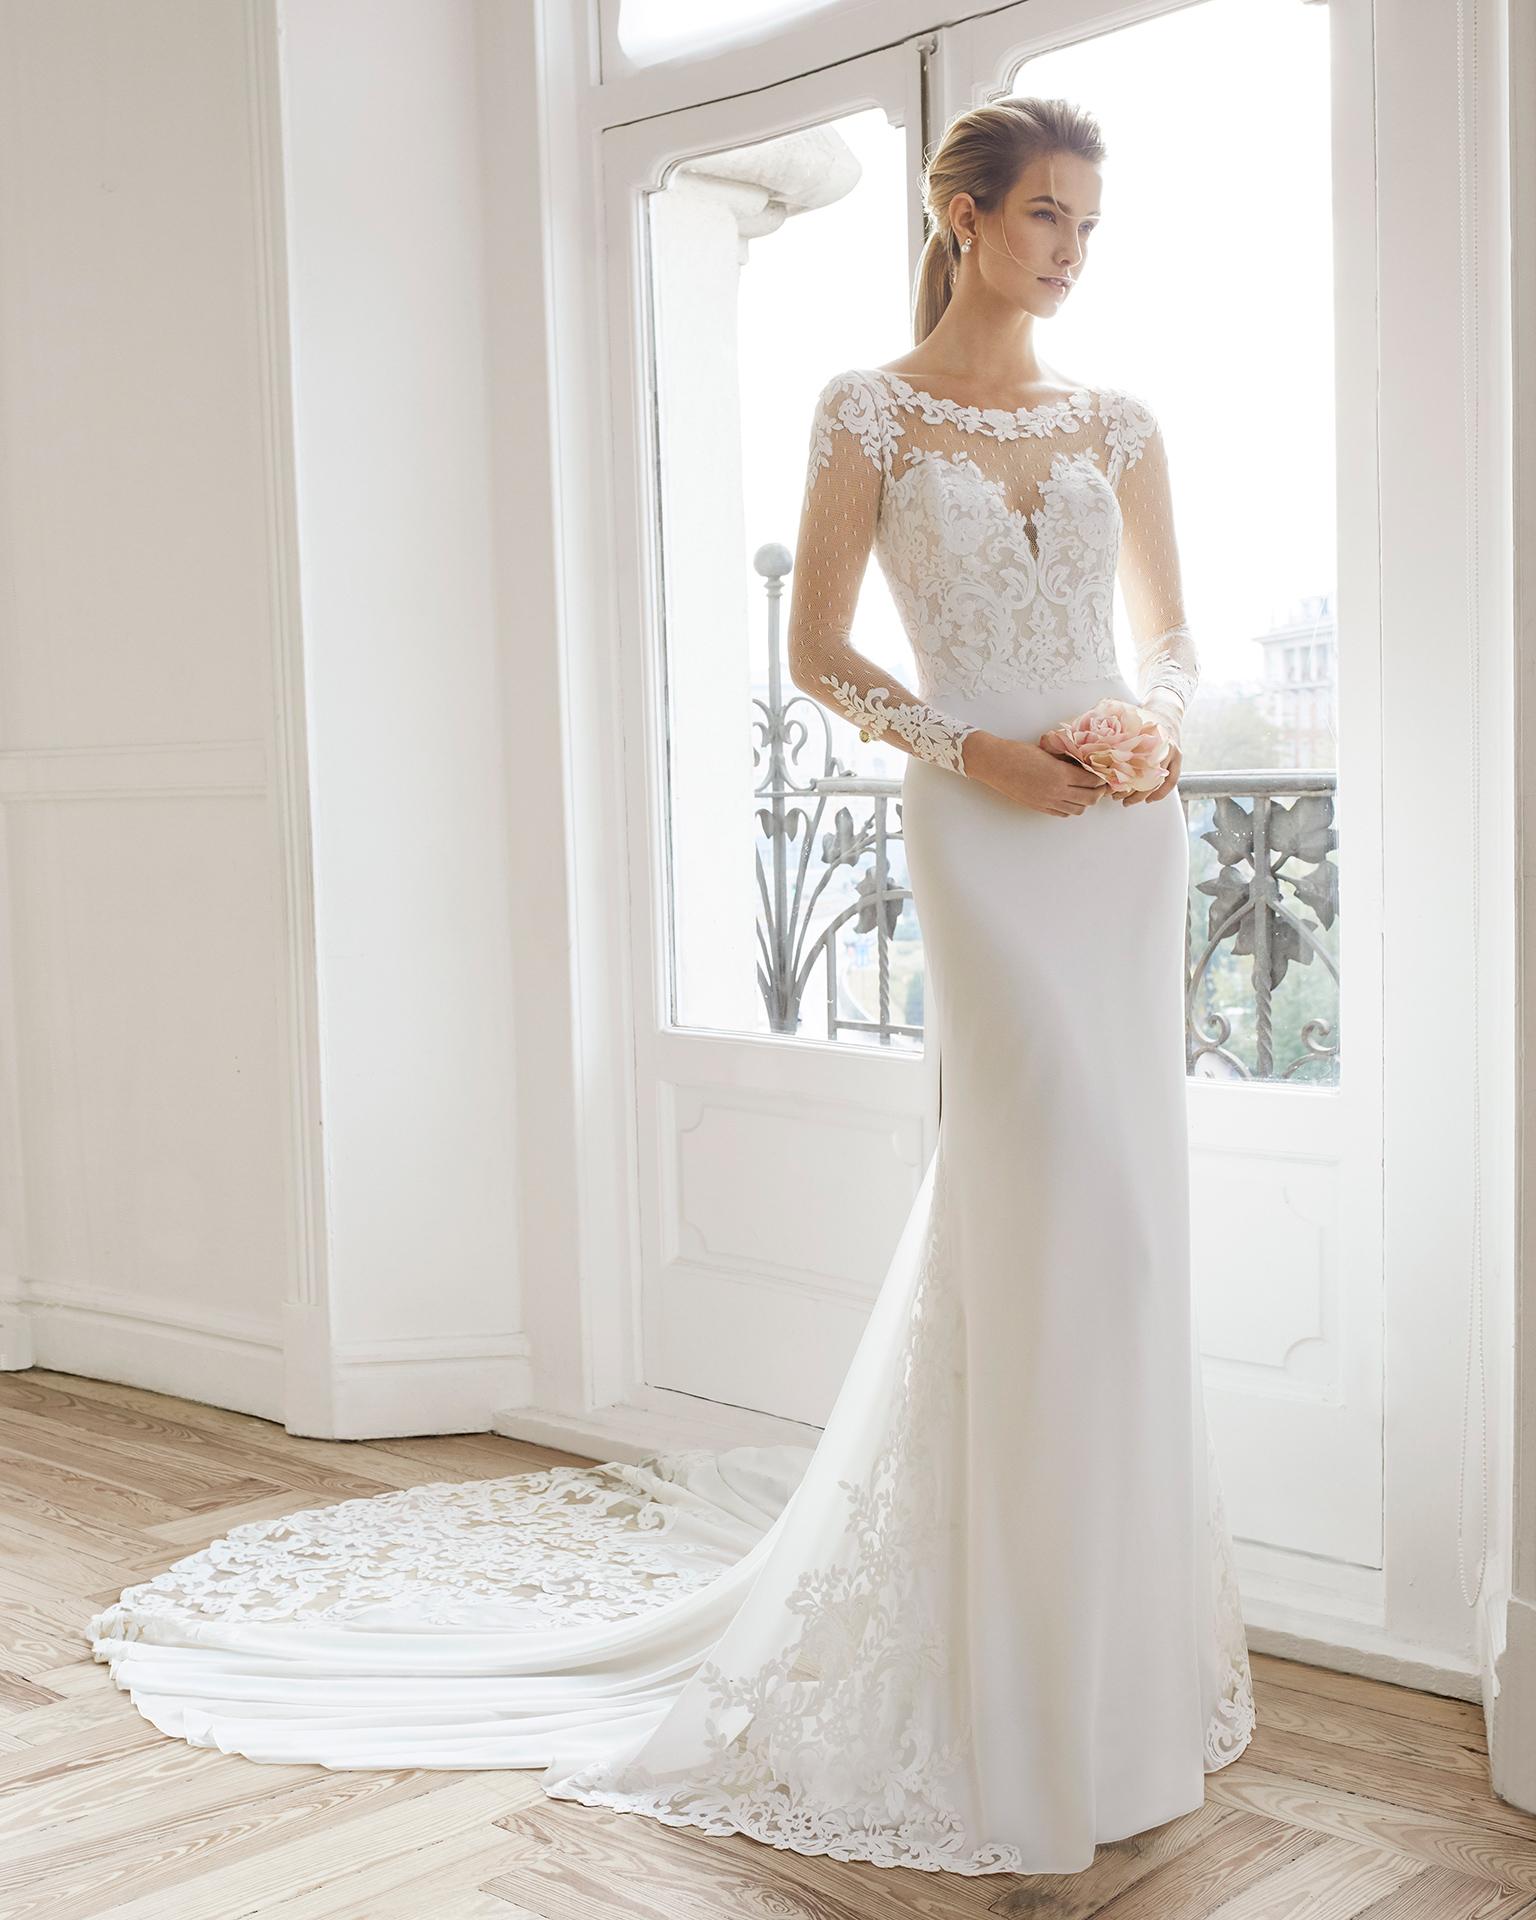 Vestido de novia corte recto en georgette y encaje. Escote barco de manga larga y espalda escotada. Disponible en color natural. Colección AIRE BARCELONA 2019.